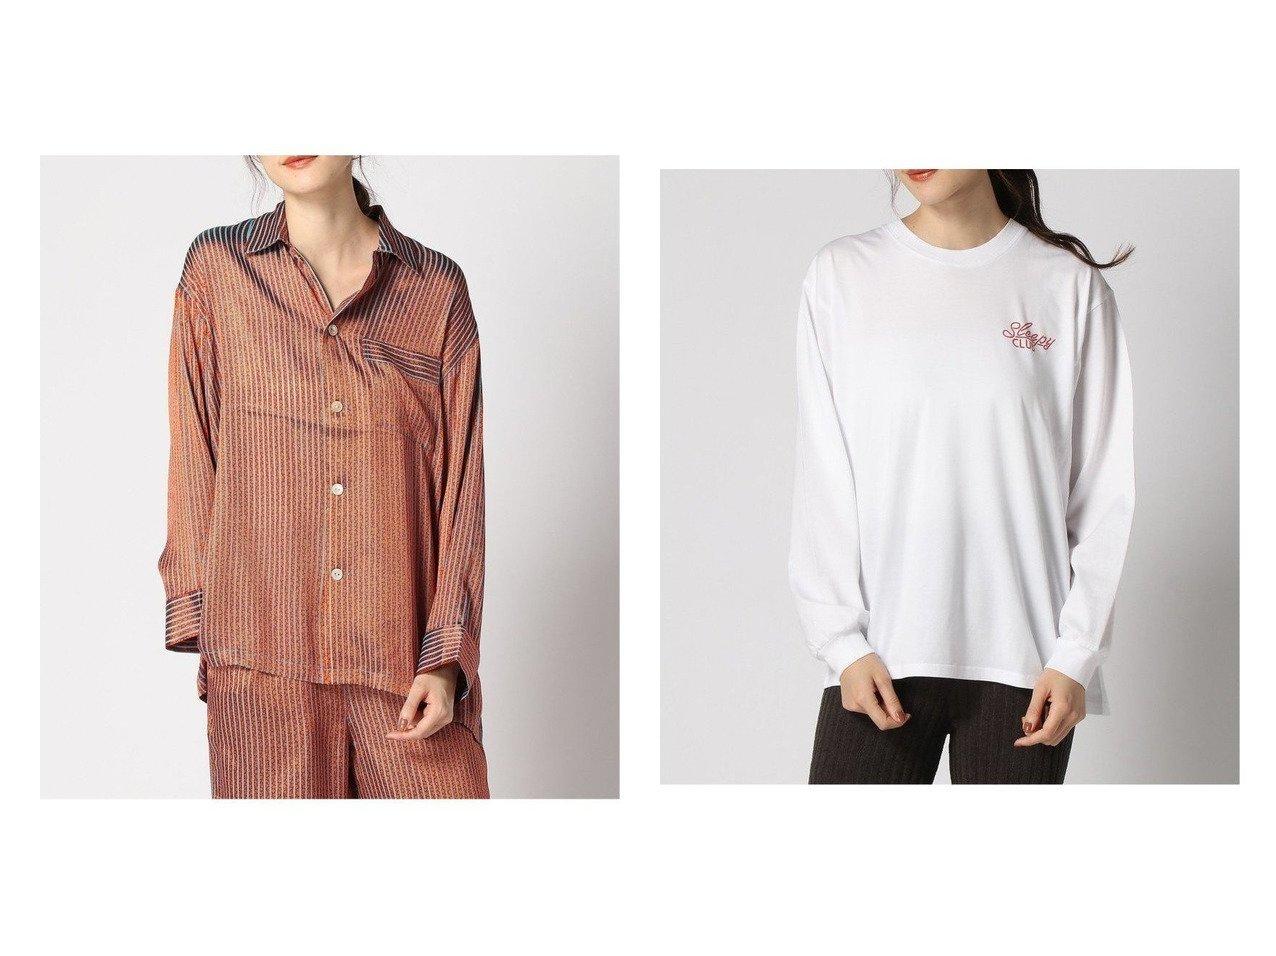 【JOURNAL STANDARD relume/ジャーナルスタンダード レリューム】のストライプ パジャマ SH&Organic-Cotton SLEEP Tee トップス・カットソーのおすすめ!人気、トレンド・レディースファッションの通販  おすすめで人気の流行・トレンド、ファッションの通販商品 メンズファッション・キッズファッション・インテリア・家具・レディースファッション・服の通販 founy(ファニー) https://founy.com/ ファッション Fashion レディースファッション WOMEN トップス Tops Tshirt シャツ/ブラウス Shirts Blouses ロング / Tシャツ T-Shirts カットソー Cut and Sewn 2020年 2020 2020-2021 秋冬 A/W AW Autumn/Winter / FW Fall-Winter 2020-2021 A/W 秋冬 AW Autumn/Winter / FW Fall-Winter インナー ストライプ セットアップ タートルネック パジャマ プリント ポケット インド カットソー シルケット ロング |ID:crp329100000010375